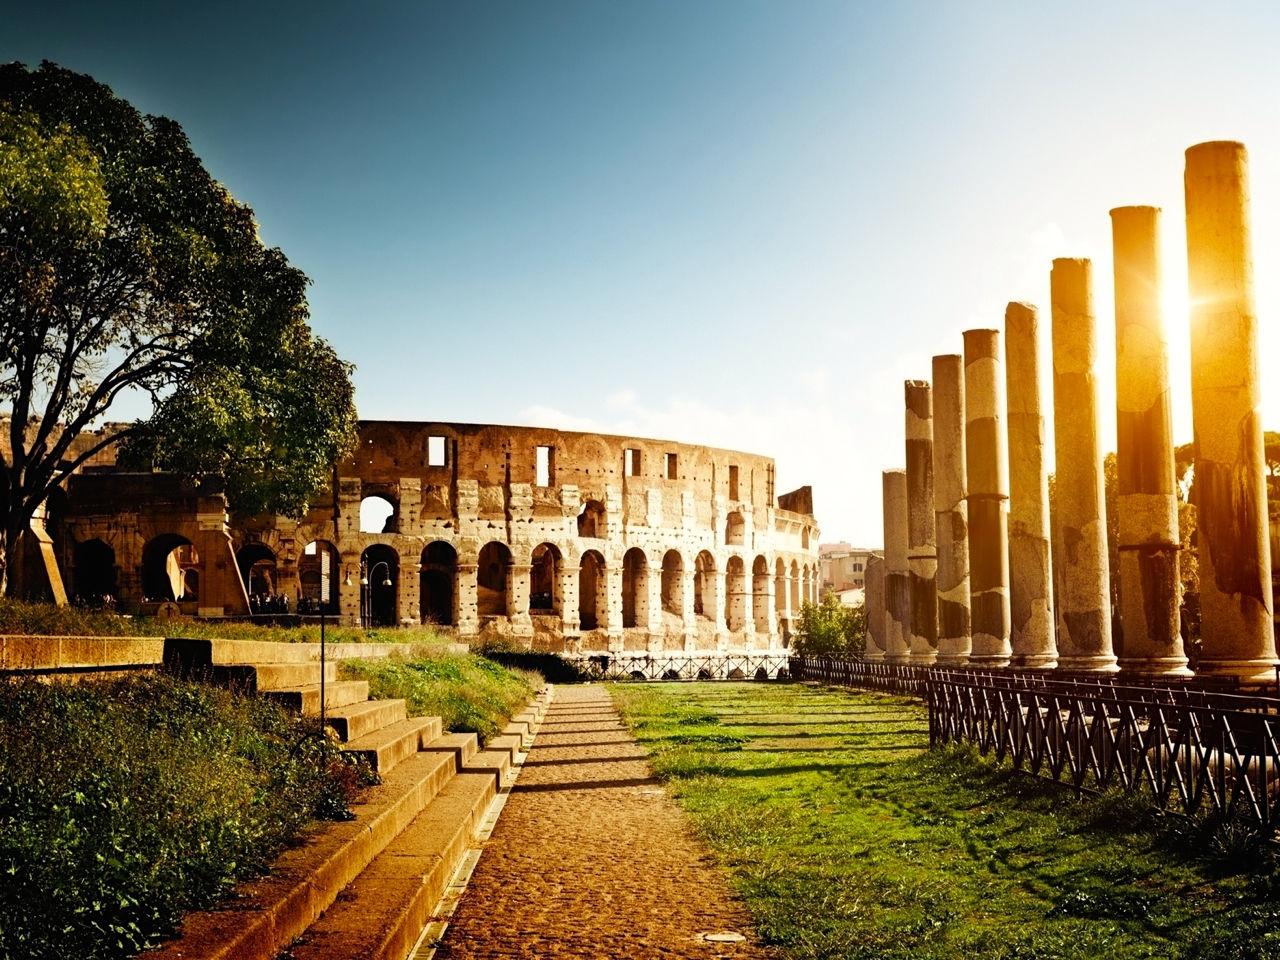 Италия, древняя архитектура, обои на рабочий стол